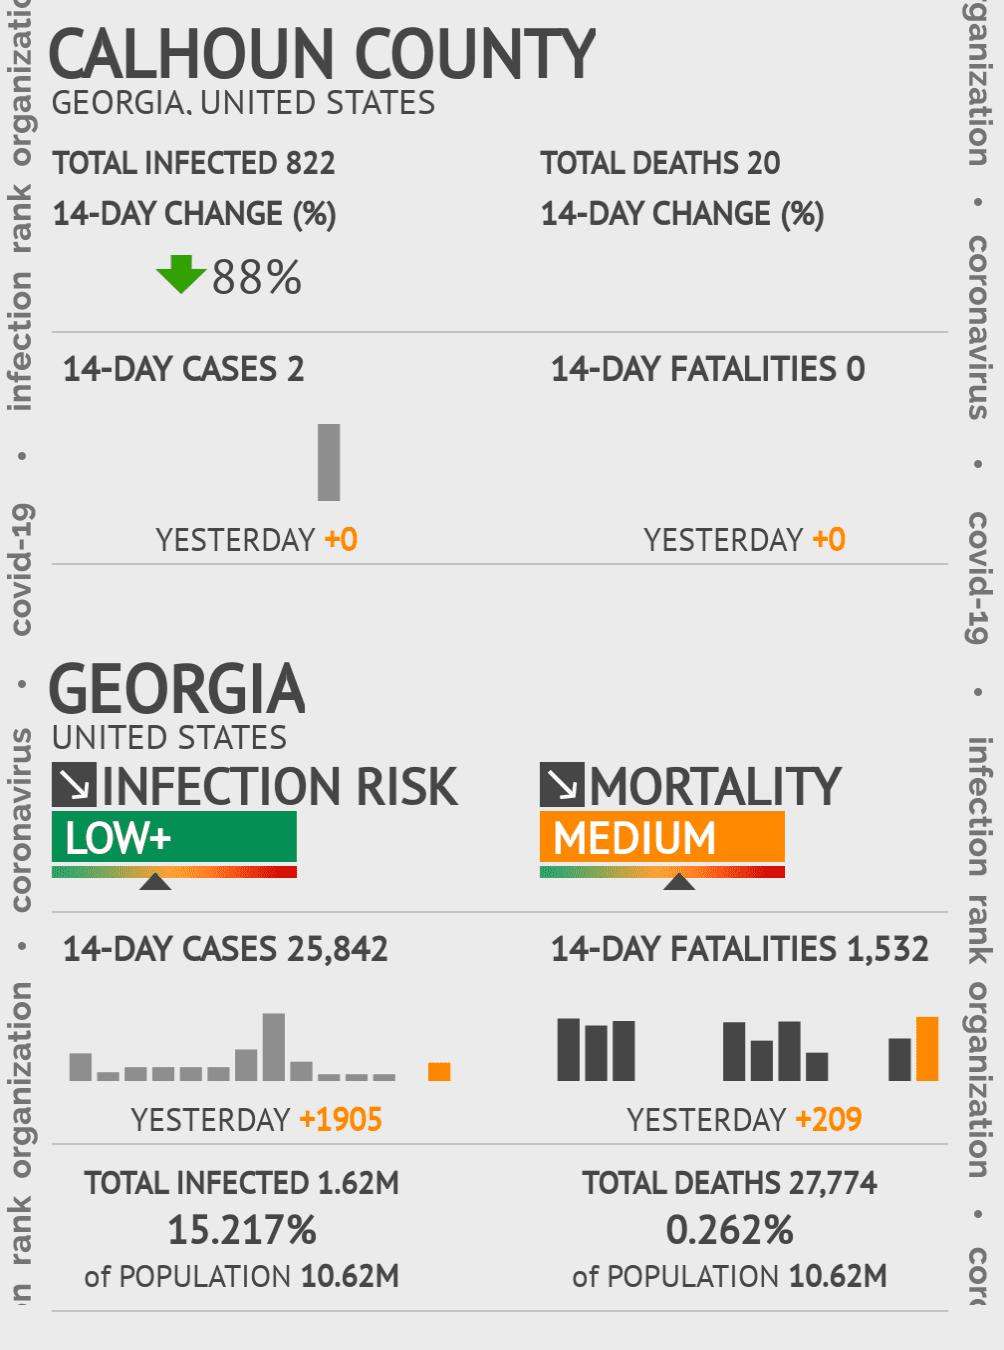 Calhoun County Coronavirus Covid-19 Risk of Infection on November 29, 2020